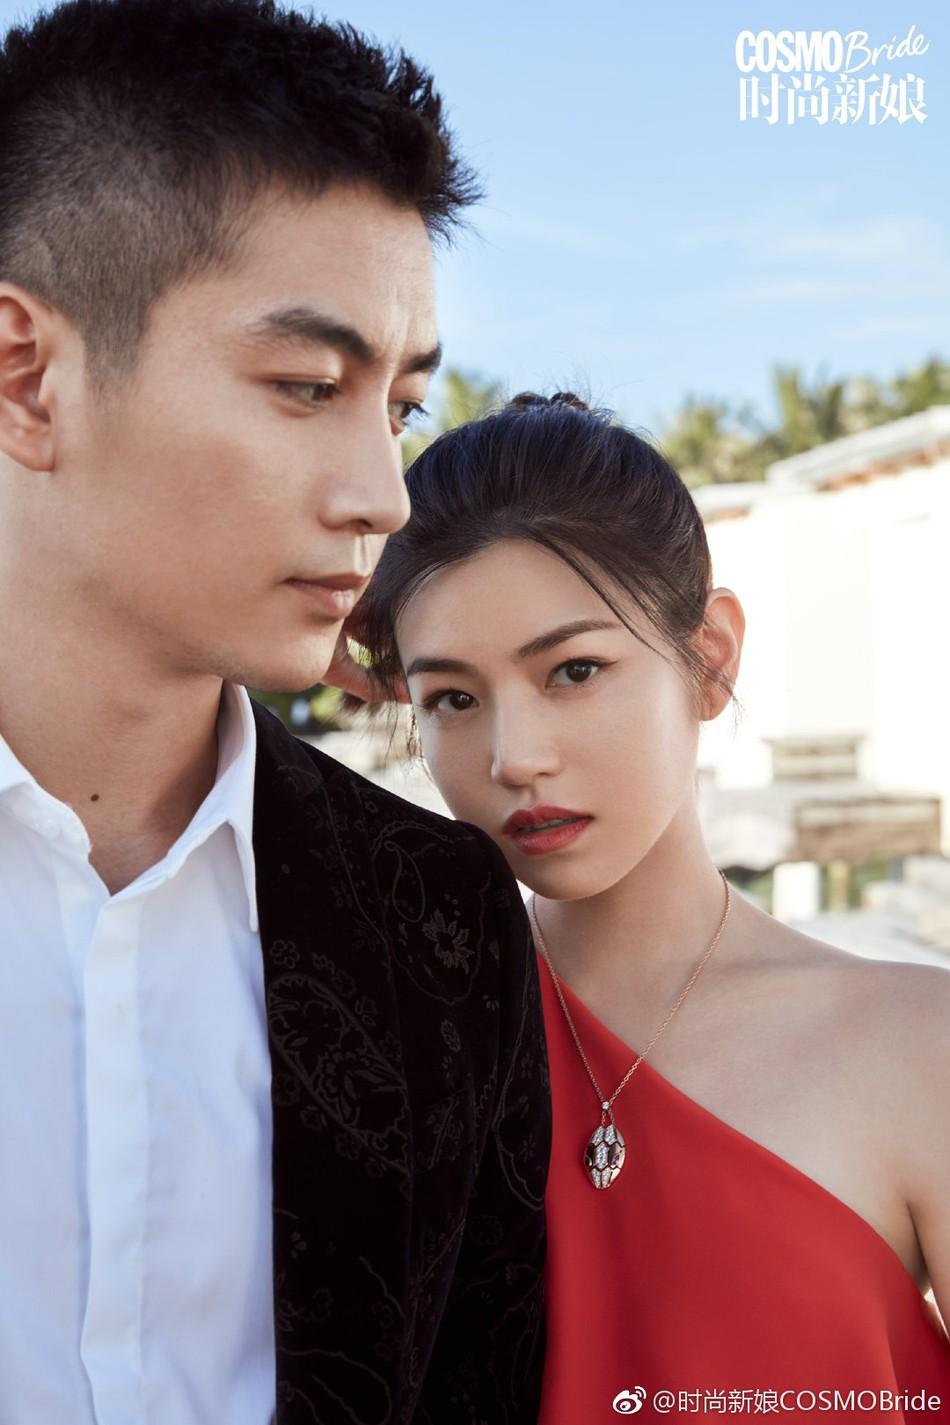 Trọn vẹn bộ ảnh cưới cặp đôi Trần Hiểu - Trần Nghiên Hy chụp lần 2 hâm nóng tình cảm vợ chồng - Ảnh 2.